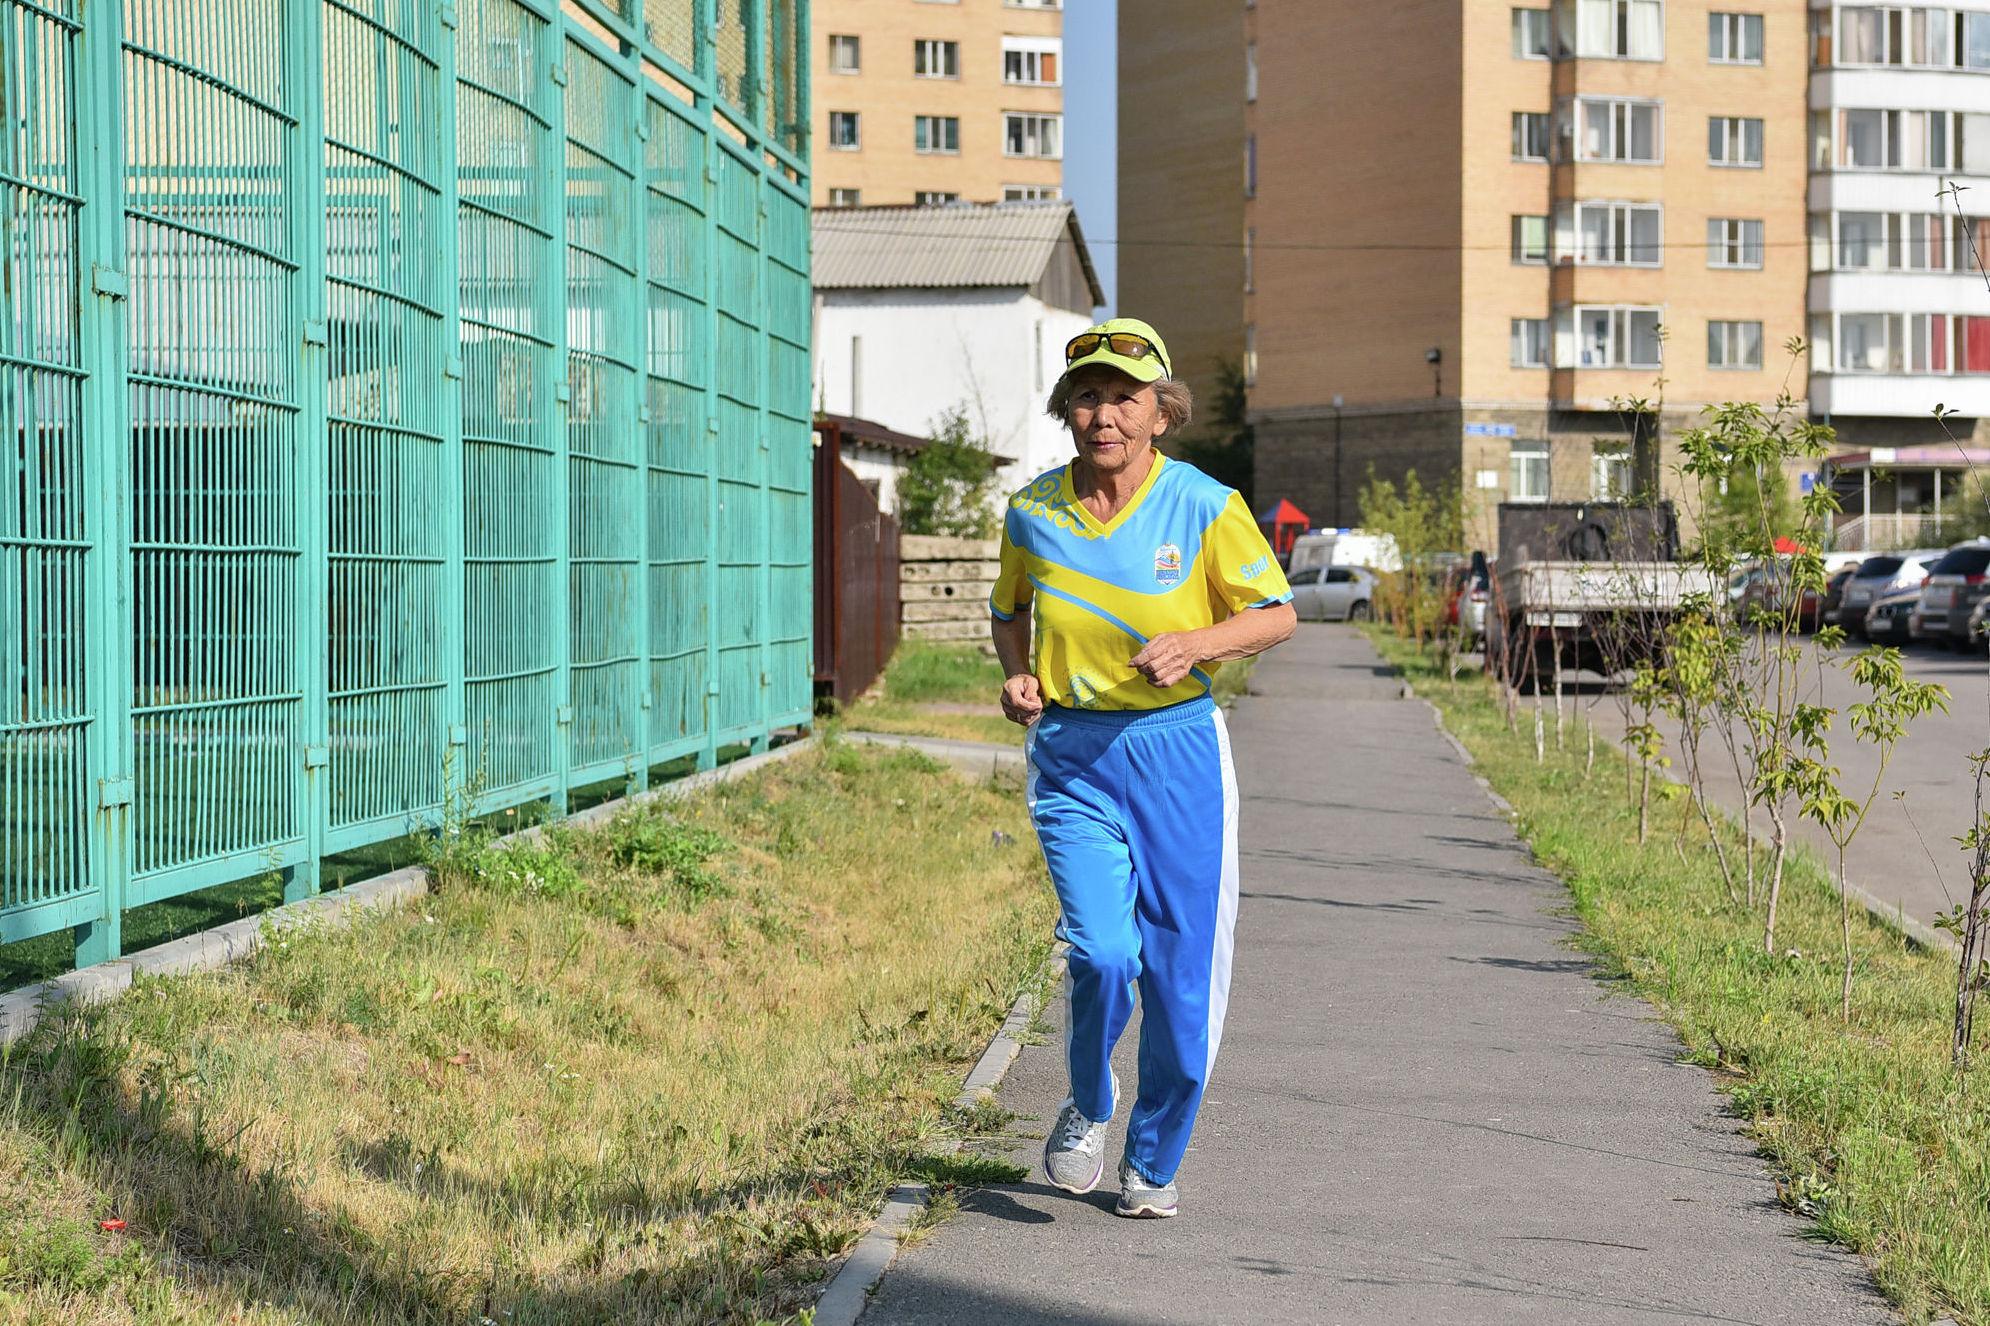 Амегульсин Калиакперовна старается на любой дистанции держать темп